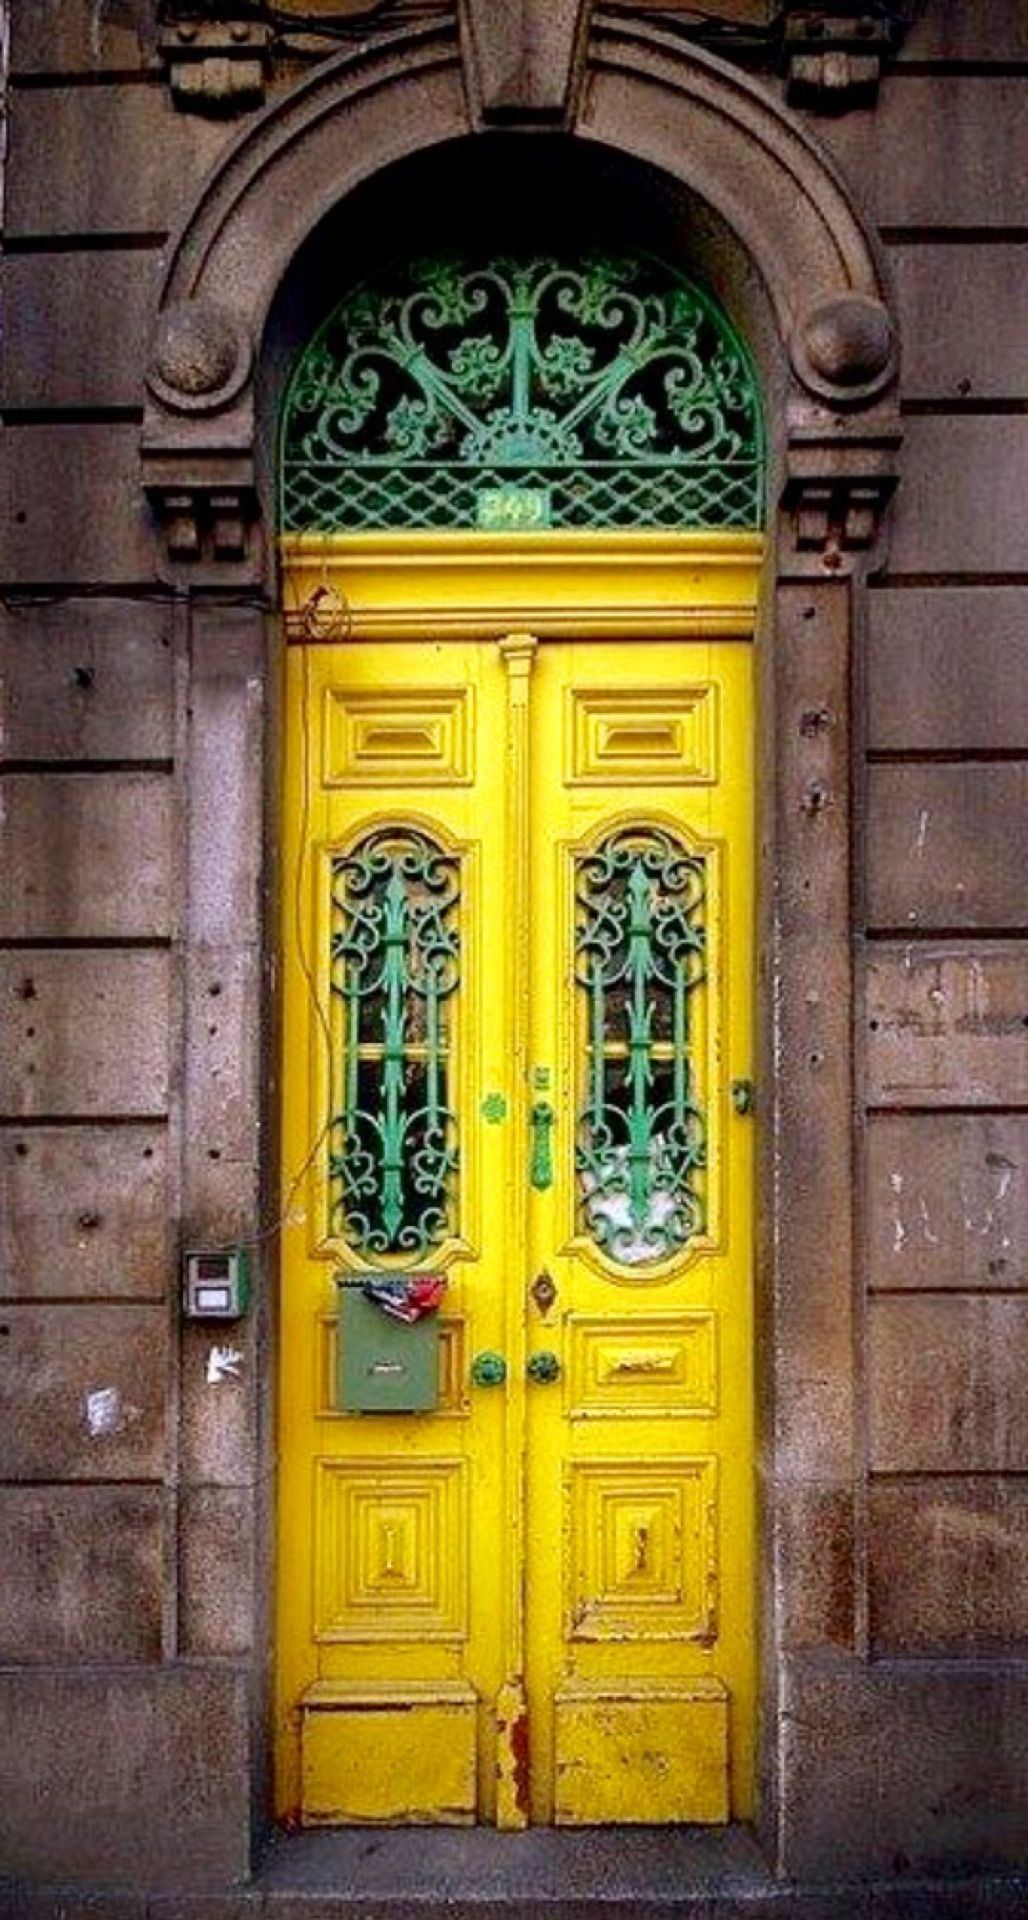 Coquita cultura de las puertas pinterest doors gates and portal